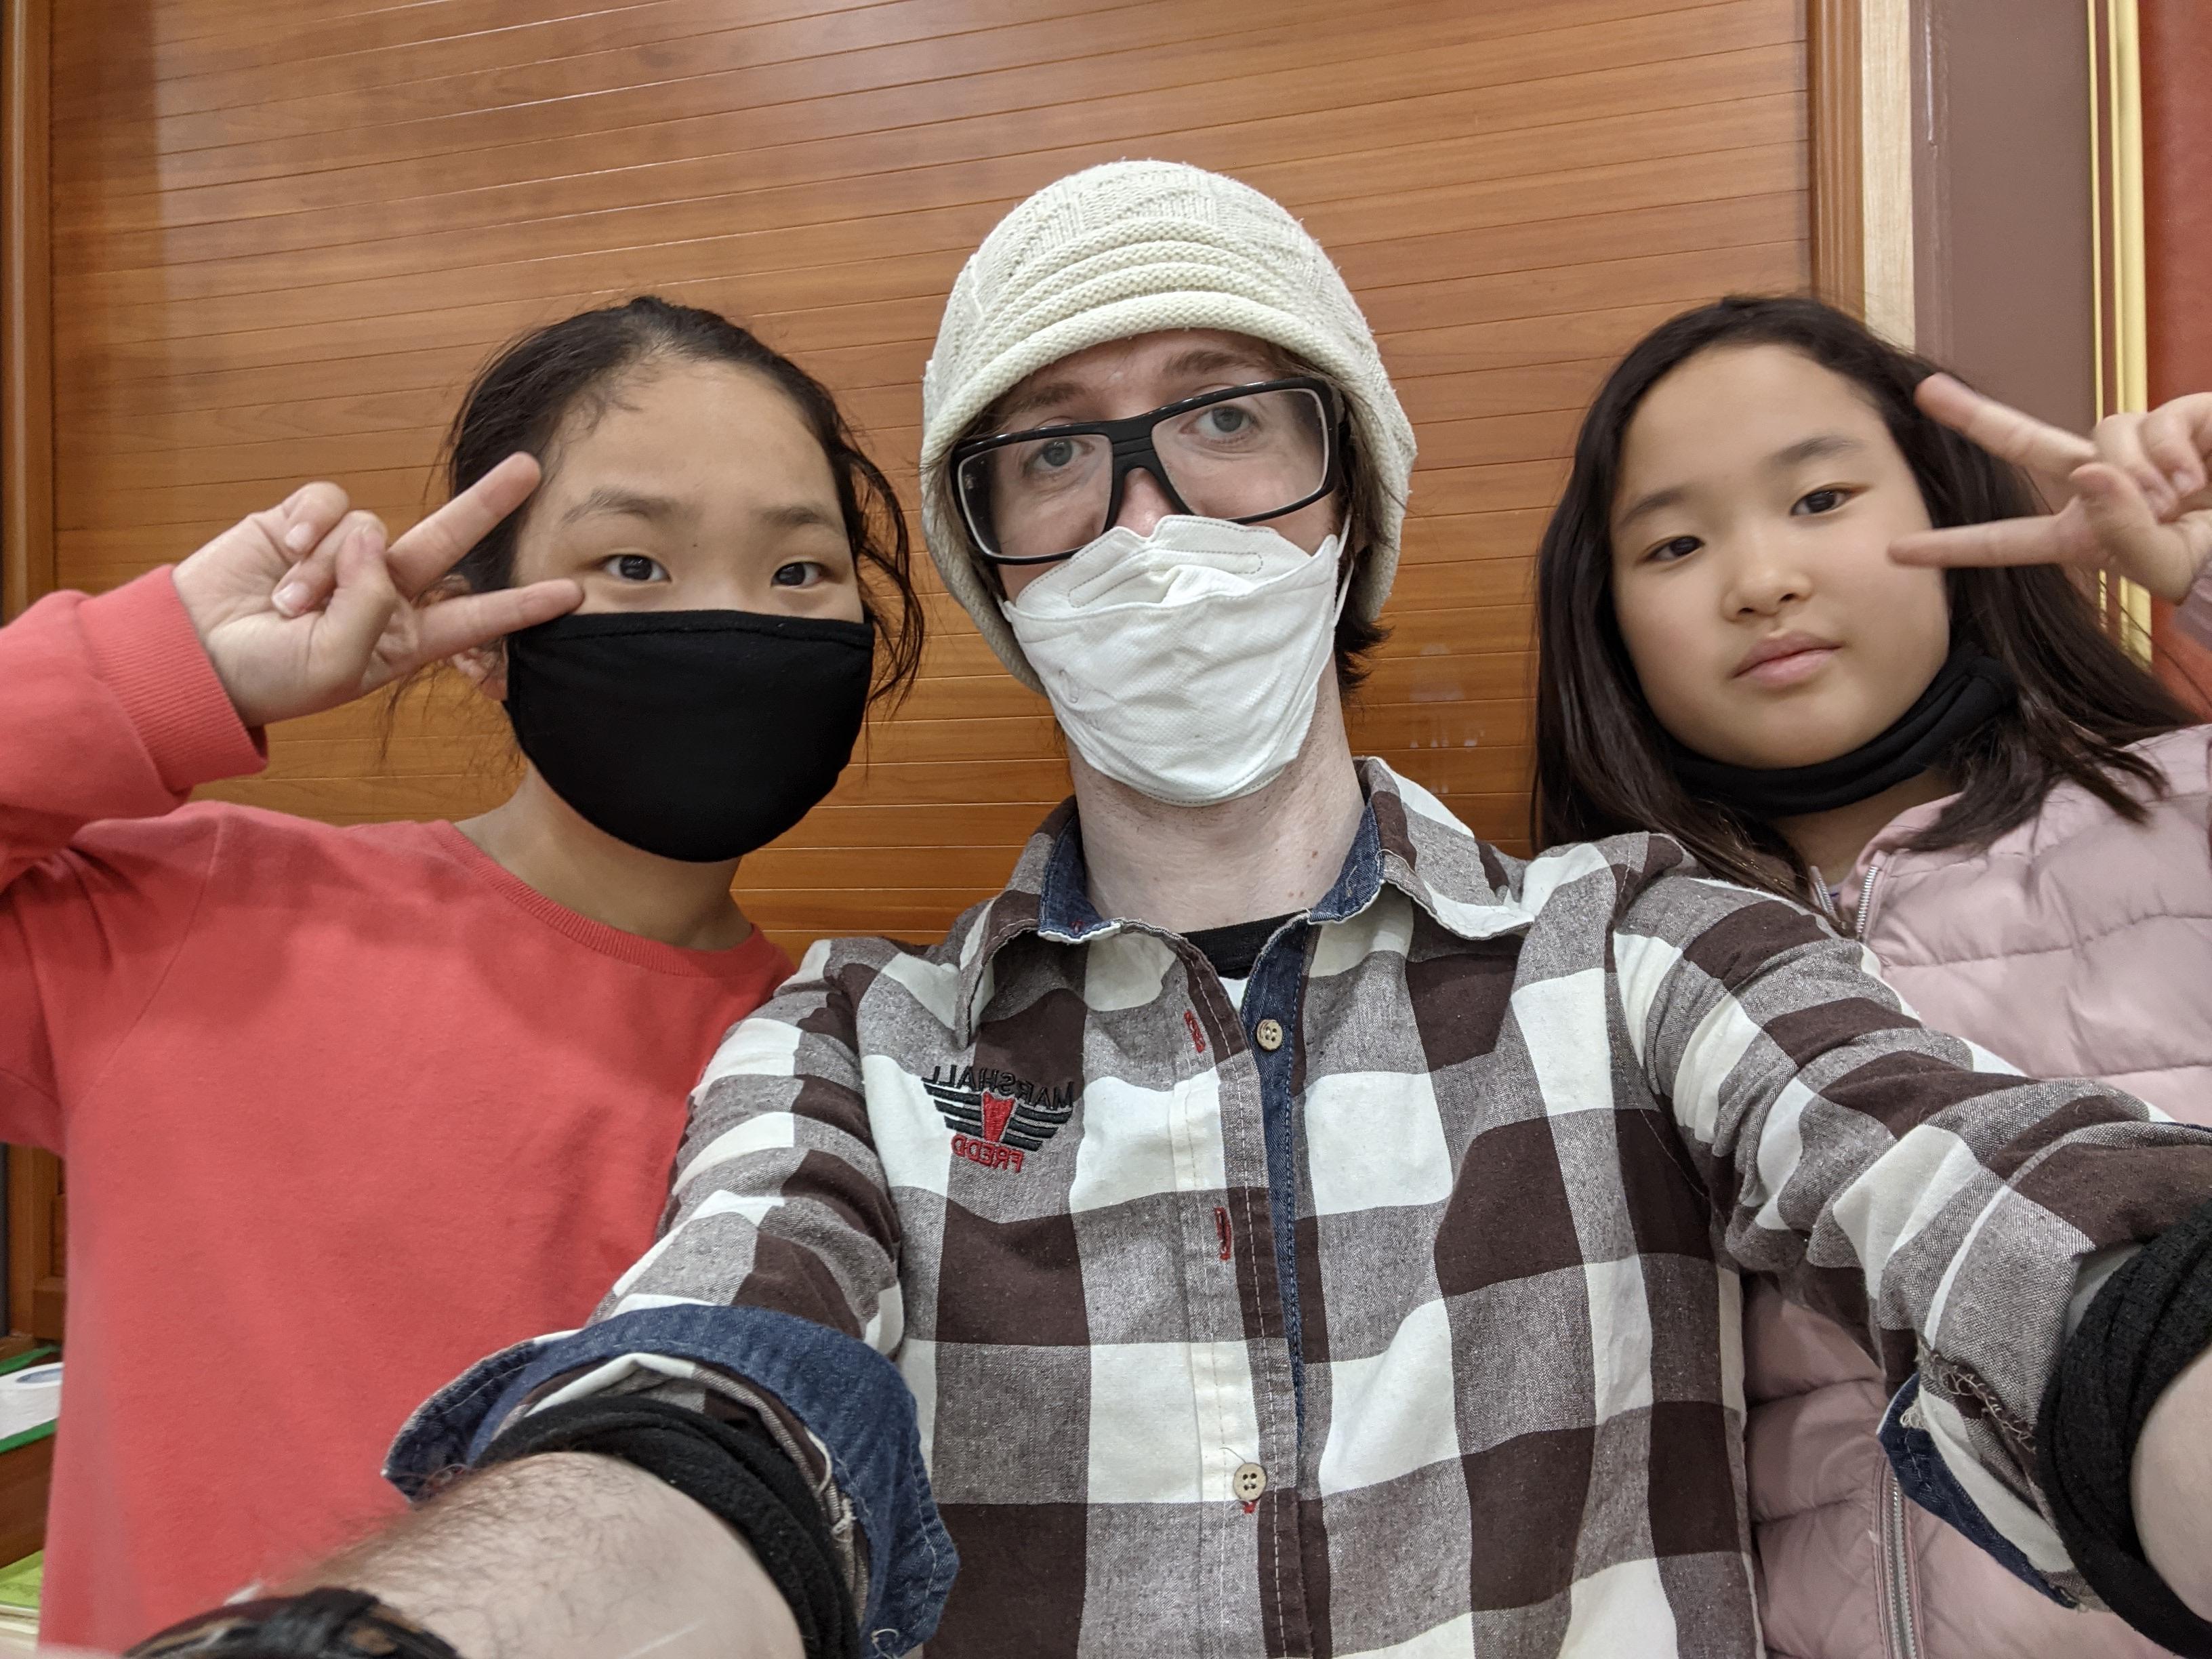 Korea_Thomas_Smith_PXL_20201217_084442315.jpg